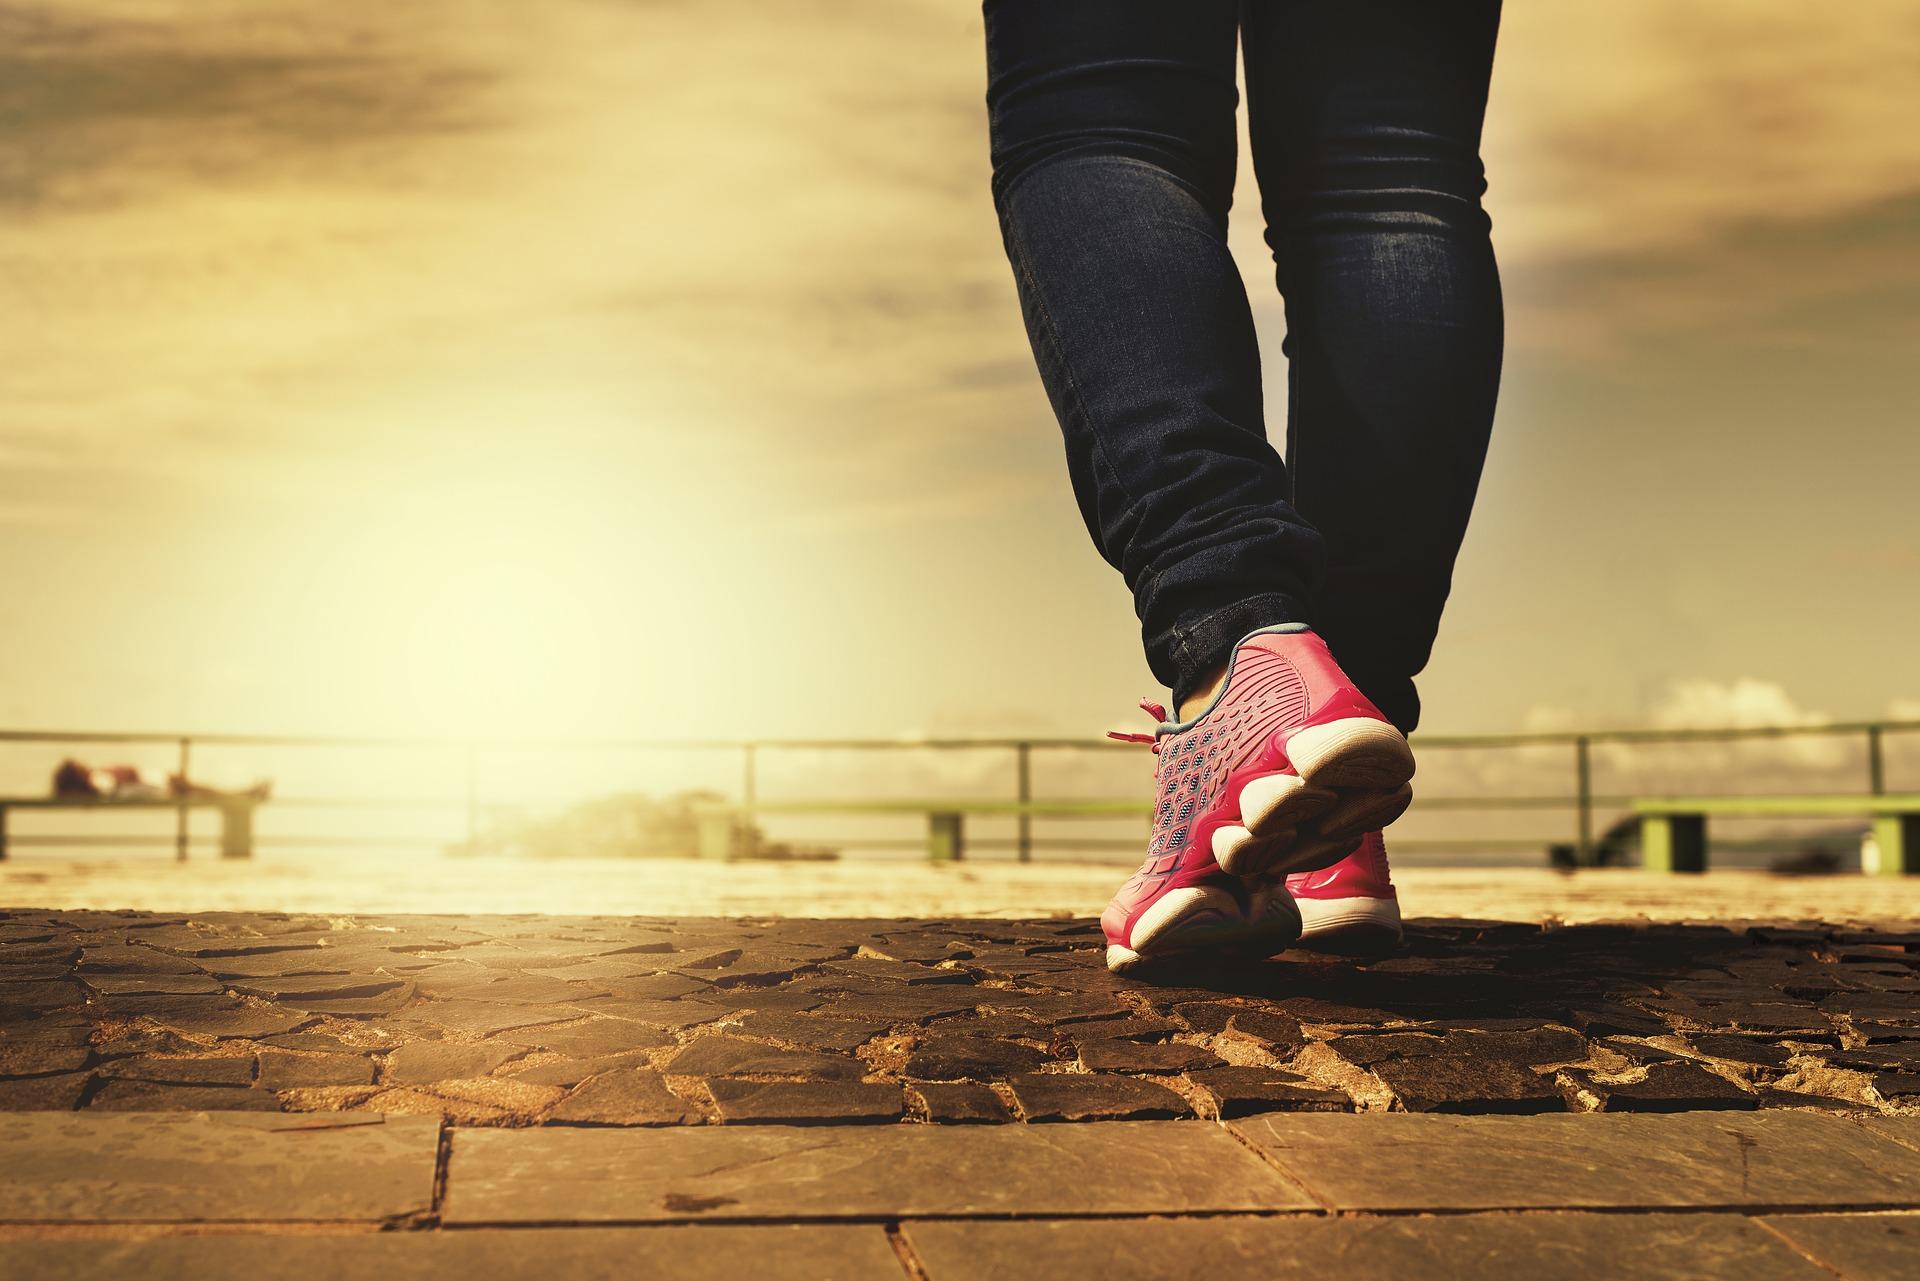 Πώς η σωματική άσκηση αλλάζει θετικά την προσωπικότητά μας